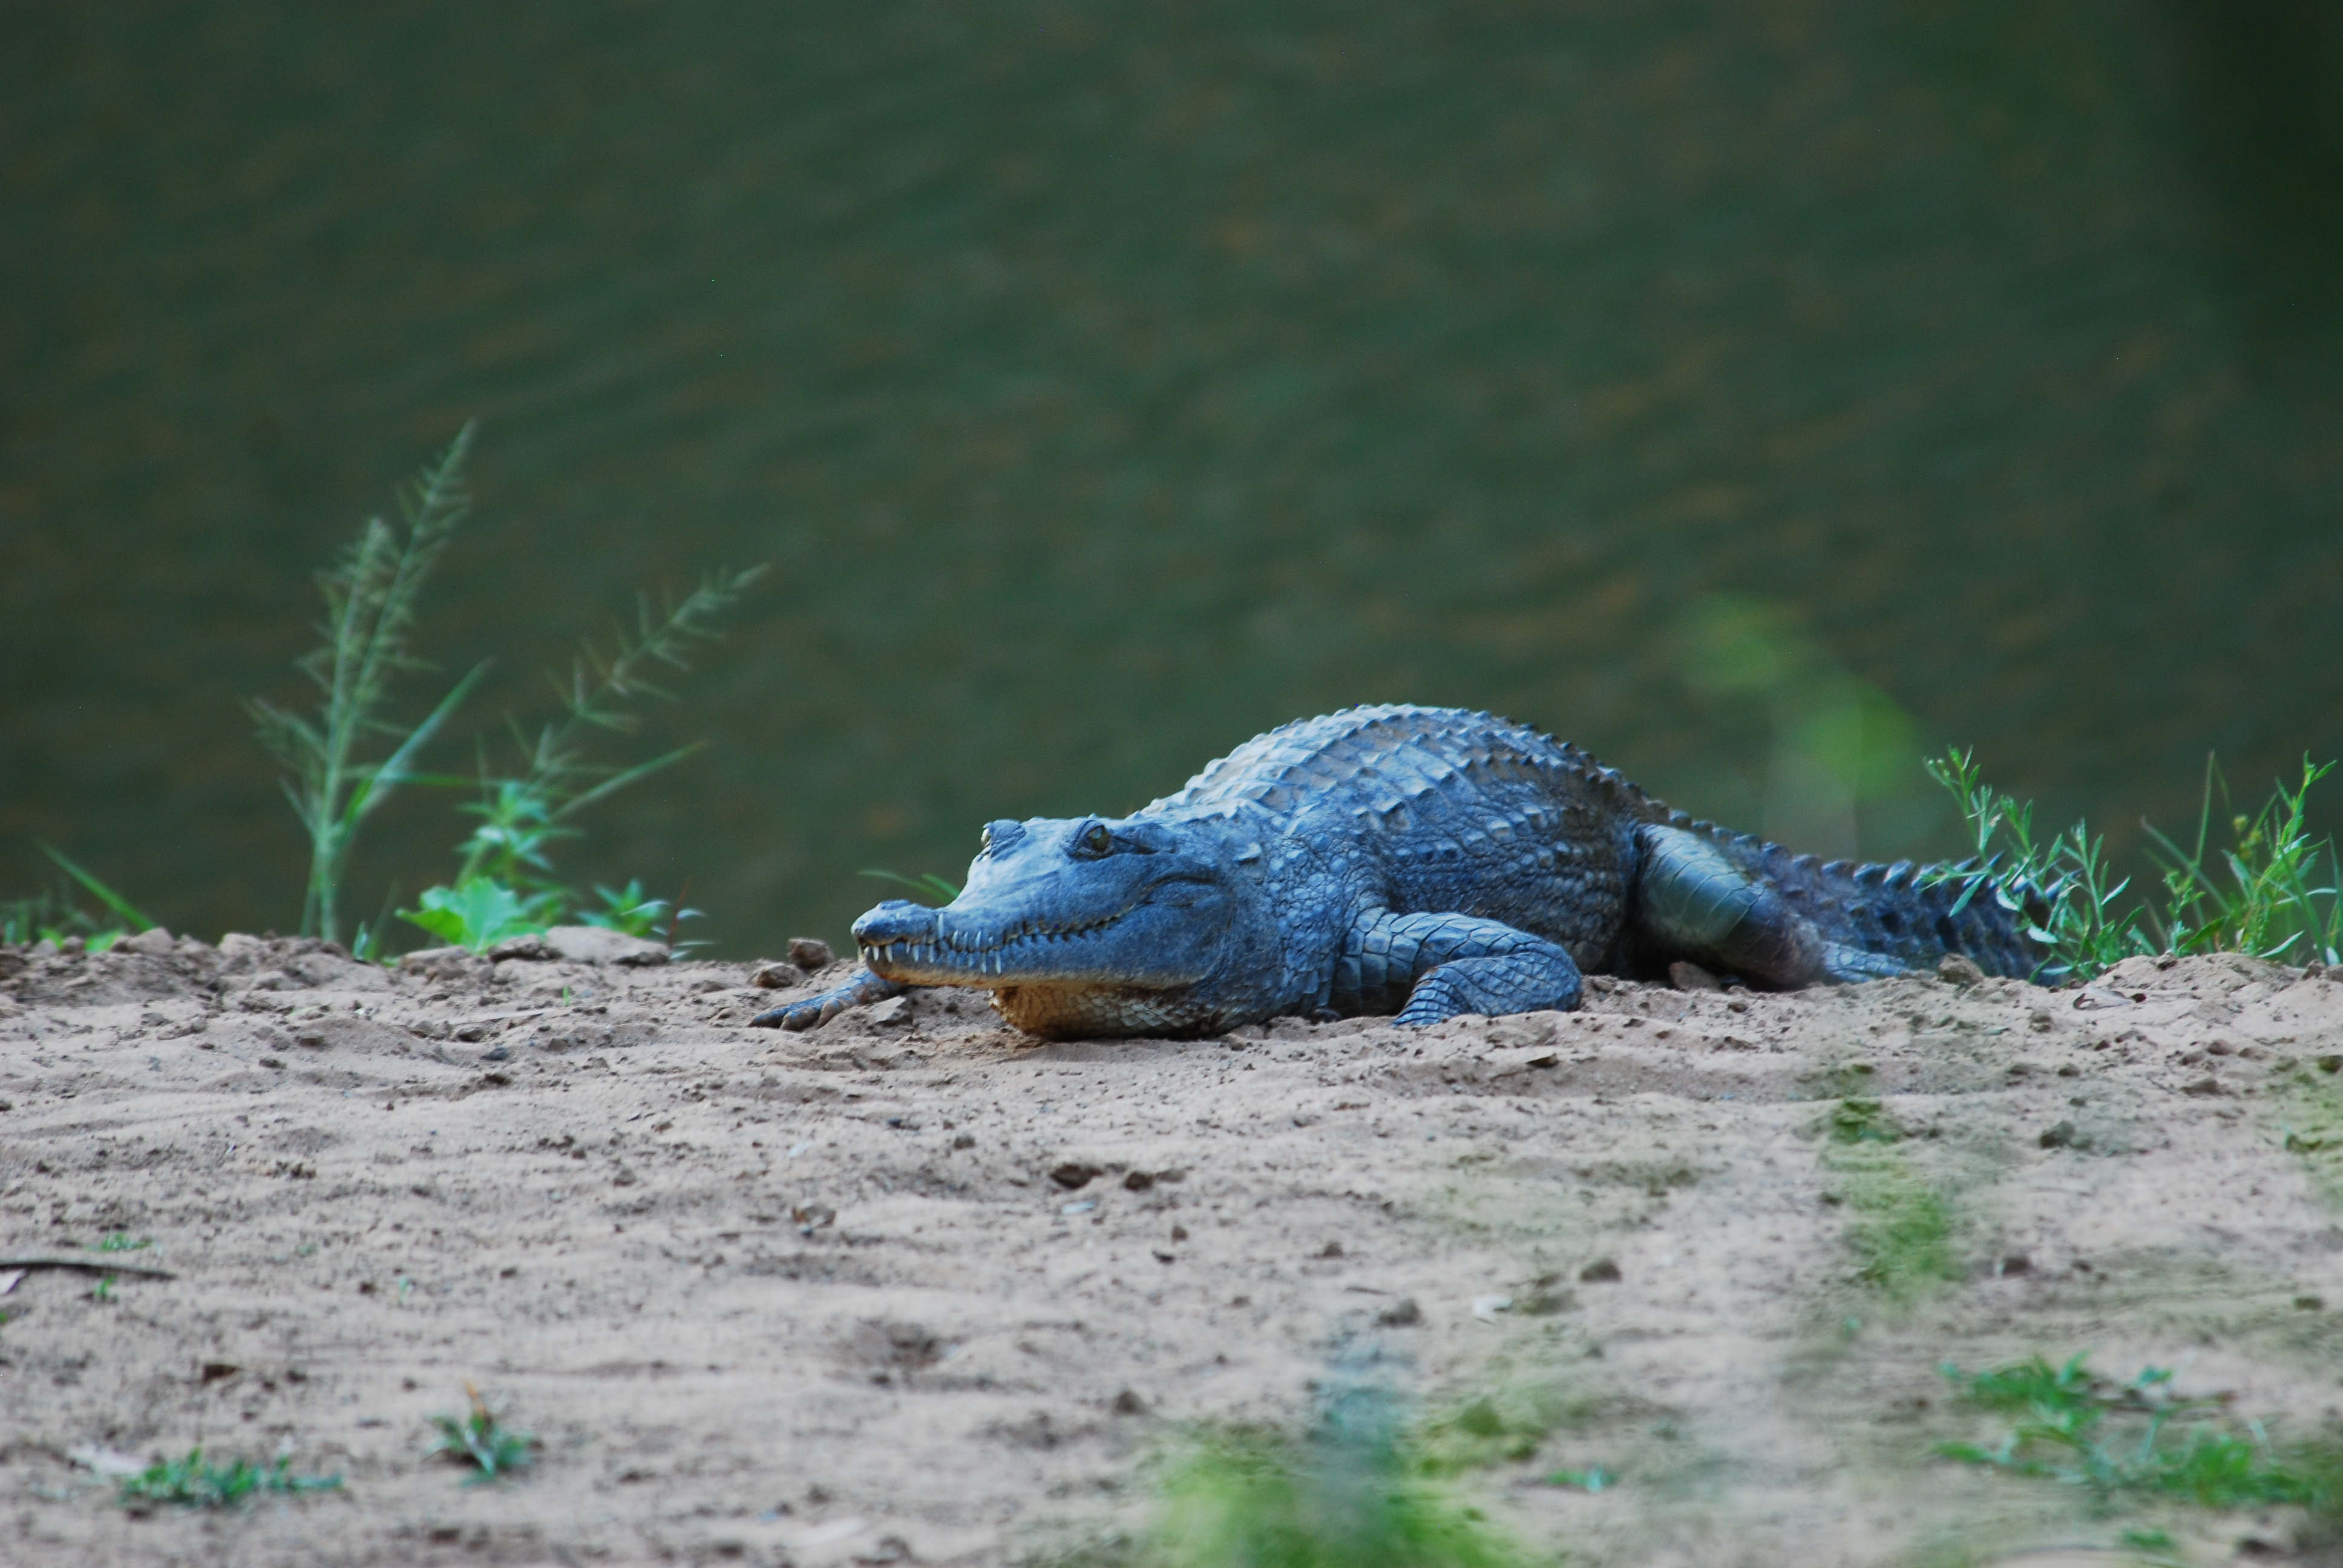 Krokodile Australien